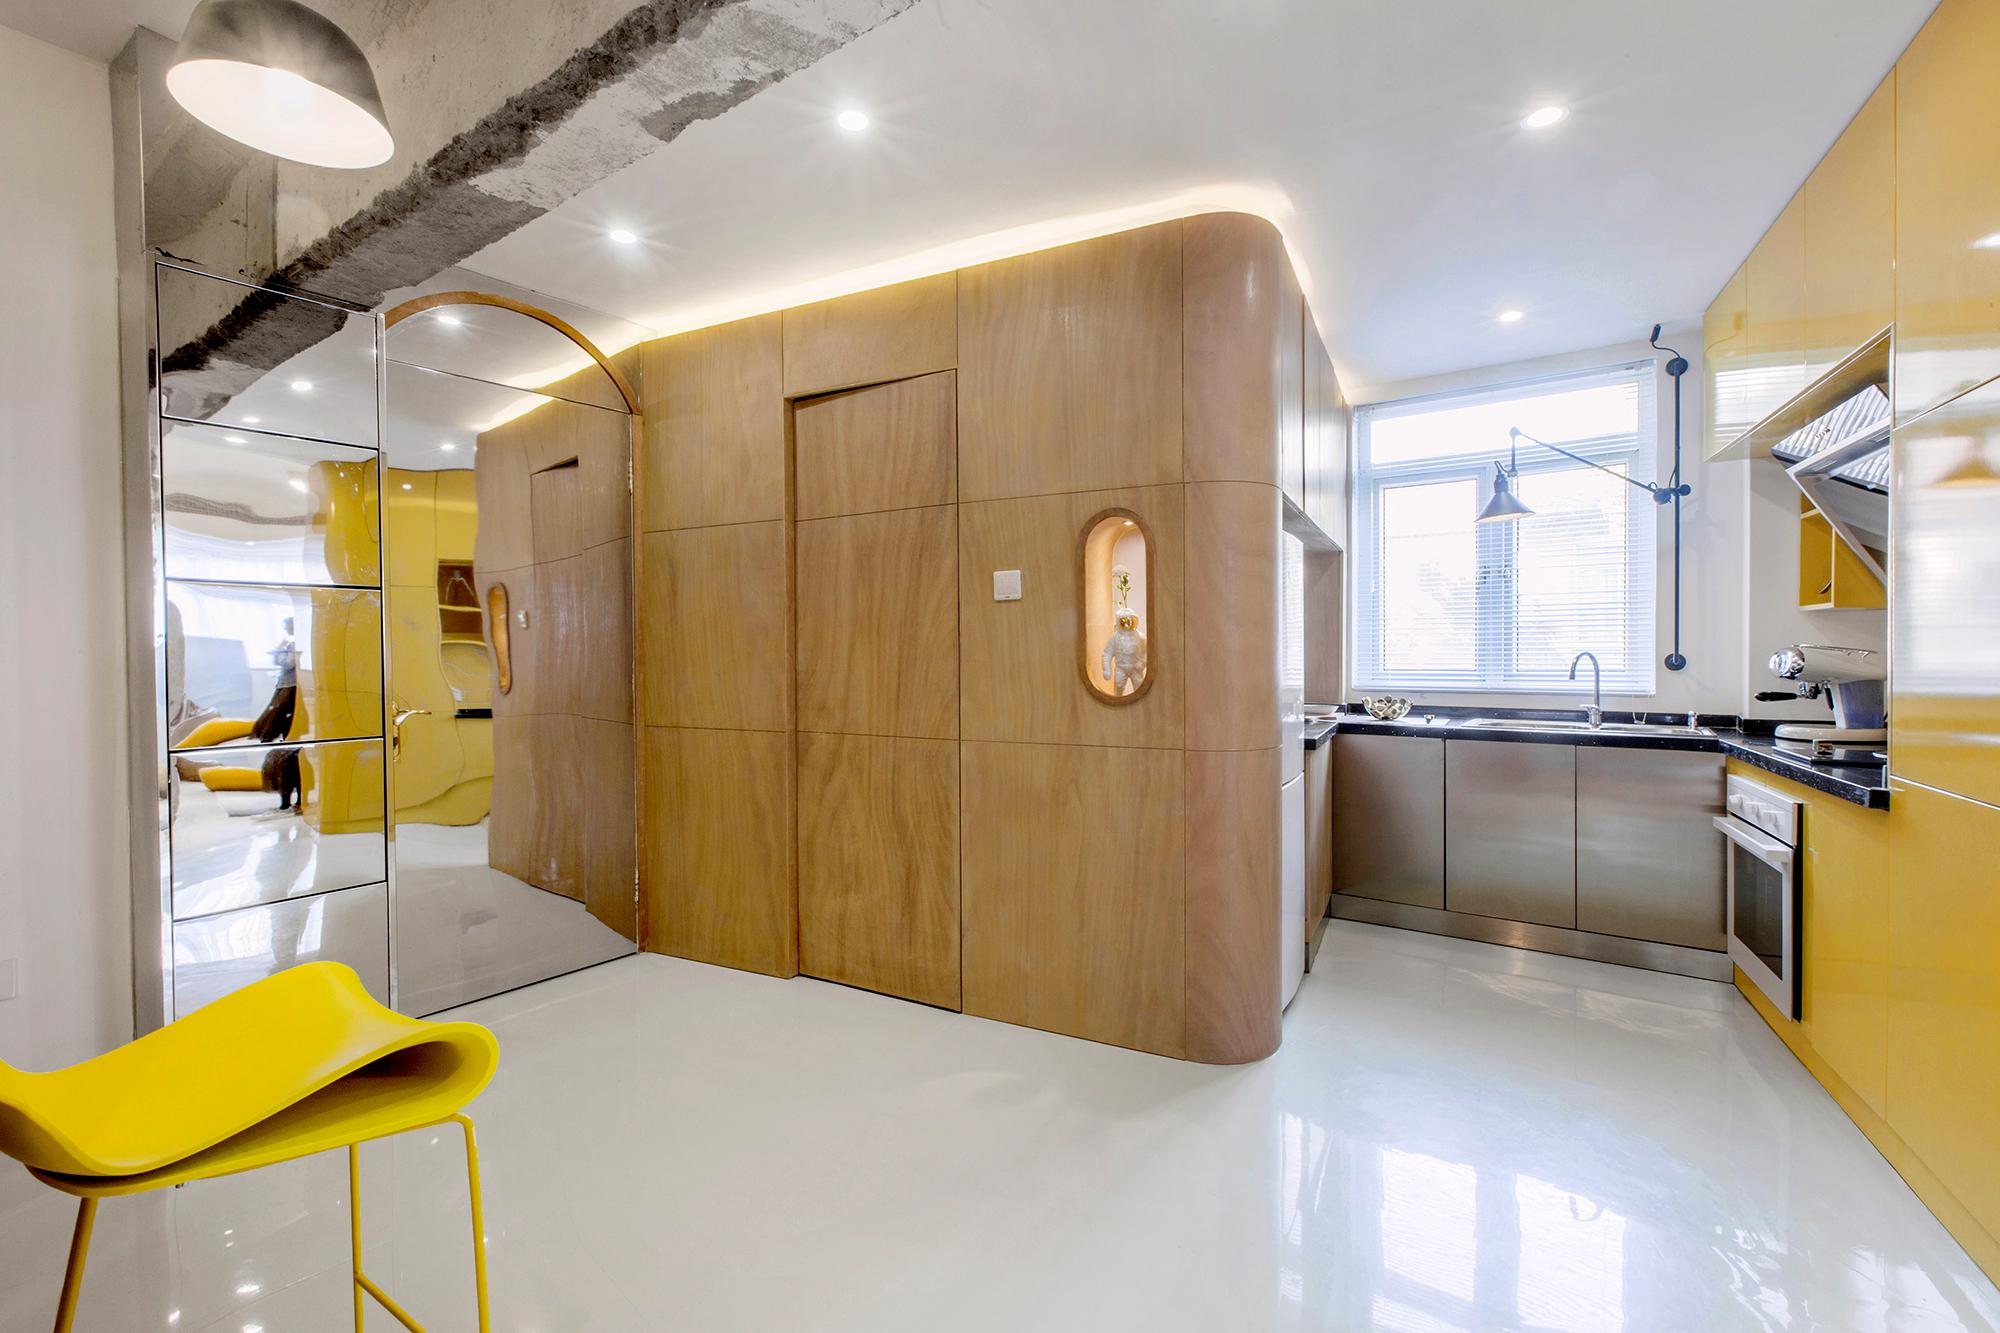 Apê de 48 m2 na China com cômodos divididos em caixas